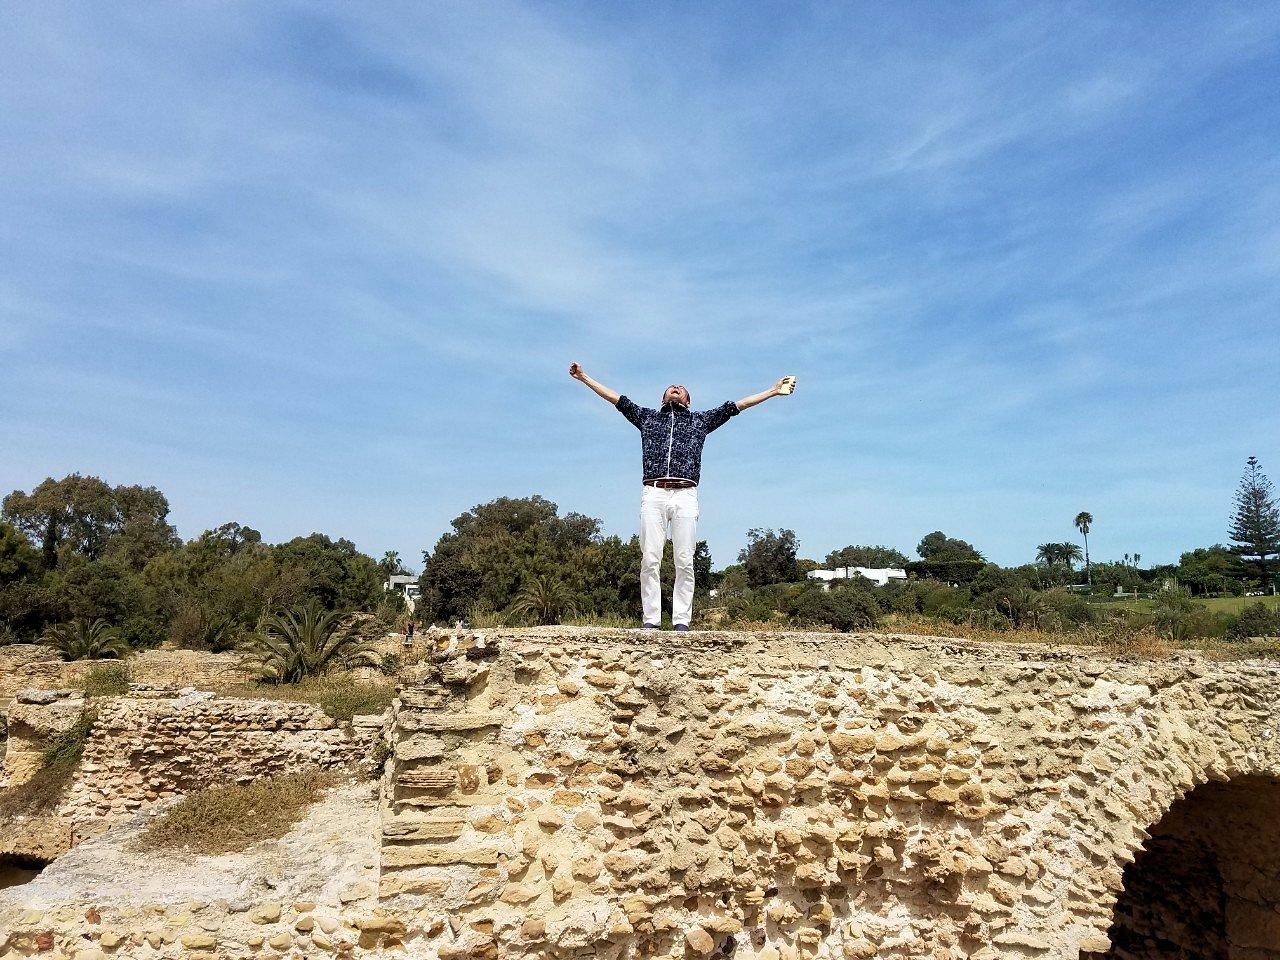 チュニジア:カルタゴ遺跡のアントニヌスの共同浴場内で記念撮影タイム5